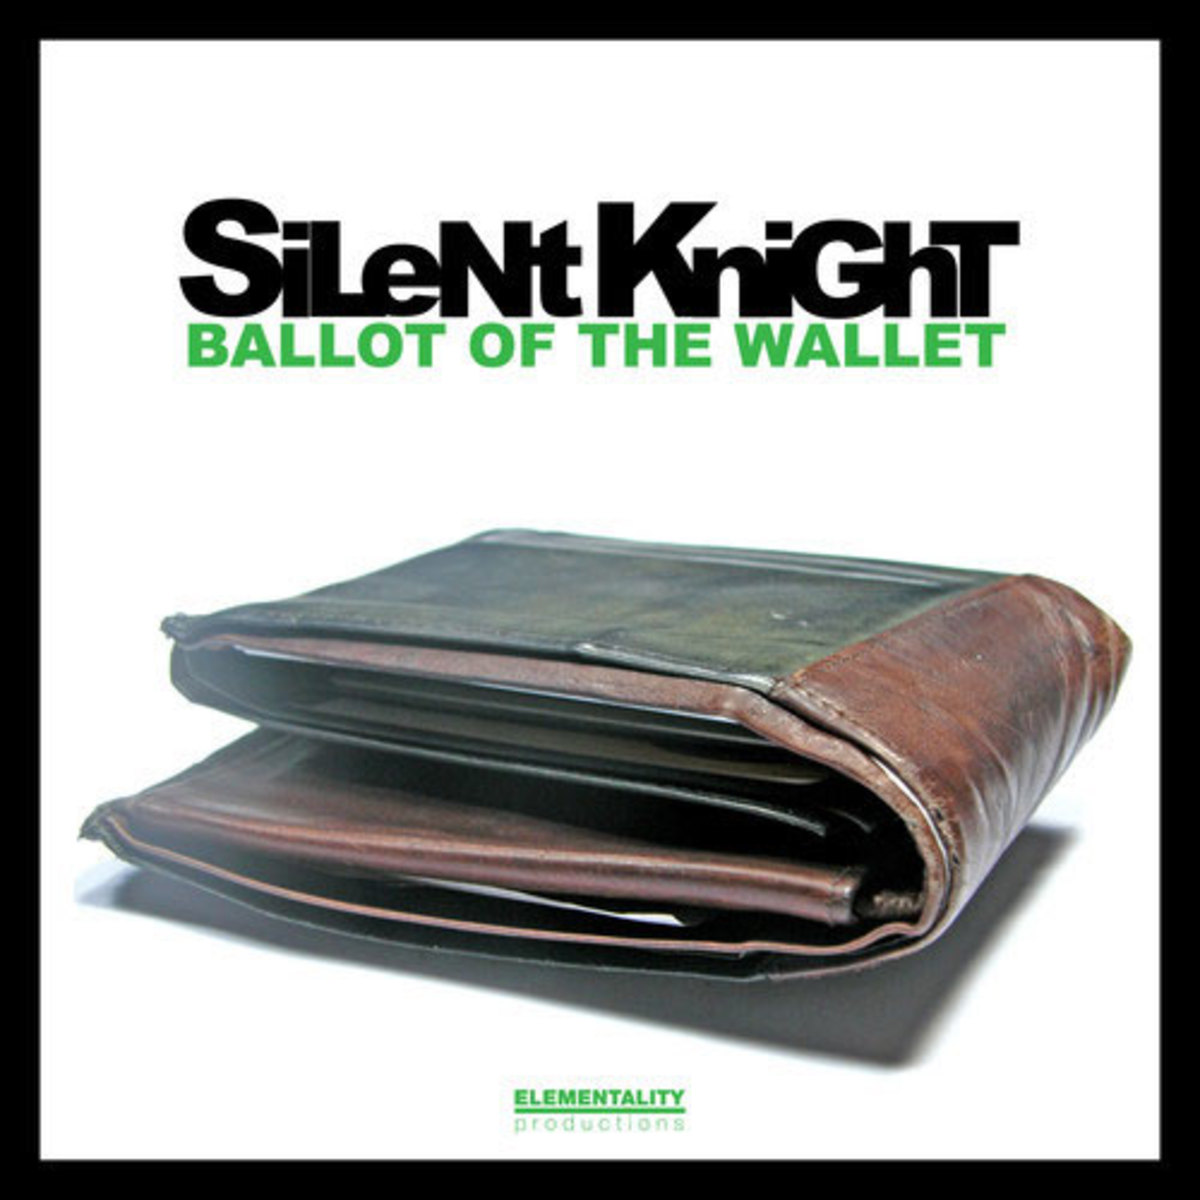 silentknight-ballotofwallet.jpg